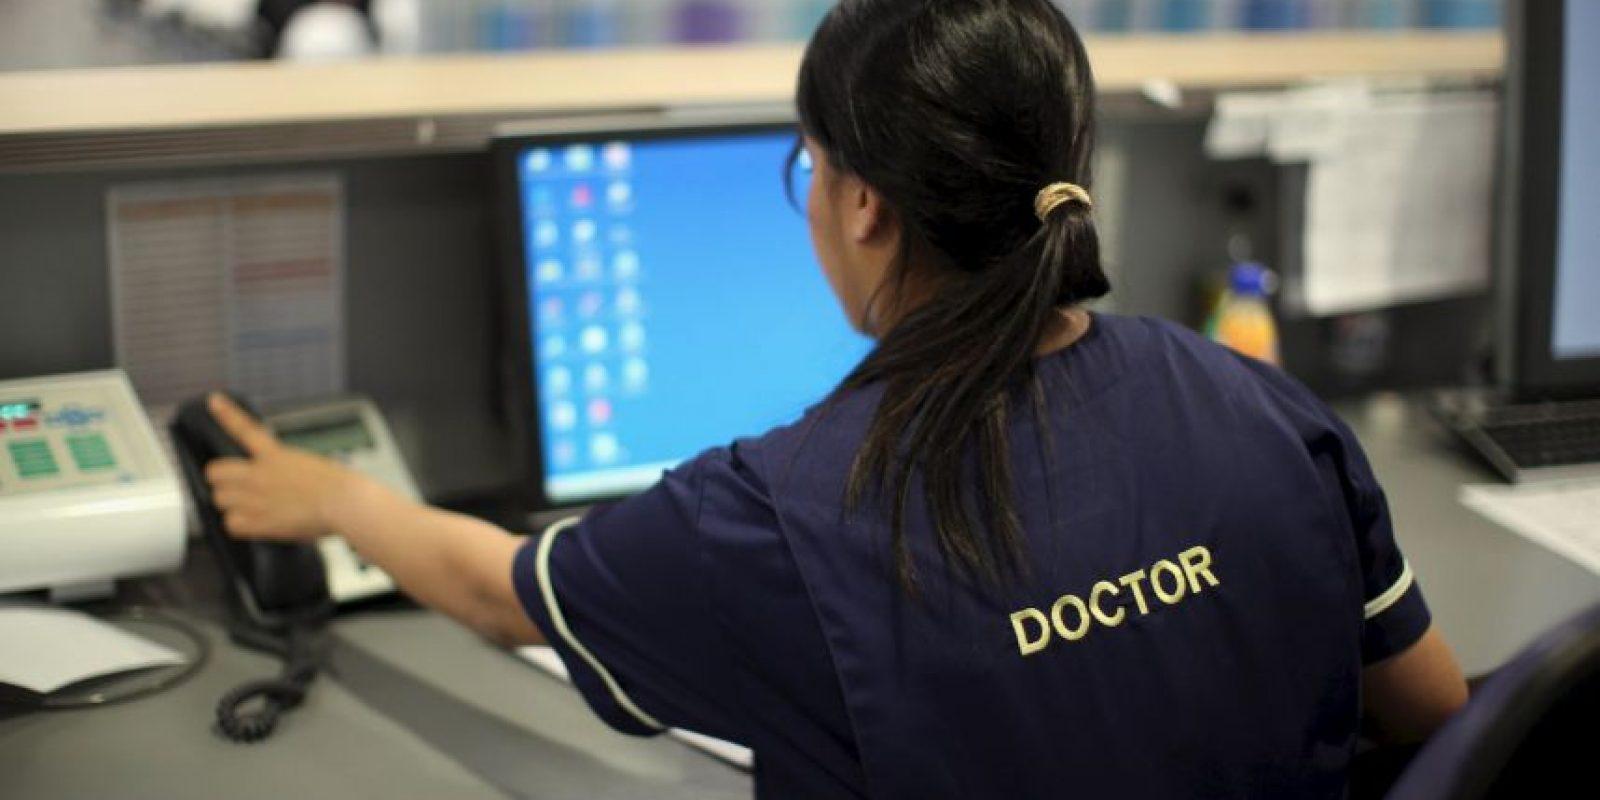 3. Factores de riesgo: el médico evaluará los factores de enfermedades como cáncer de próstata, para pasar a la siguiente fase Foto:Getty Images